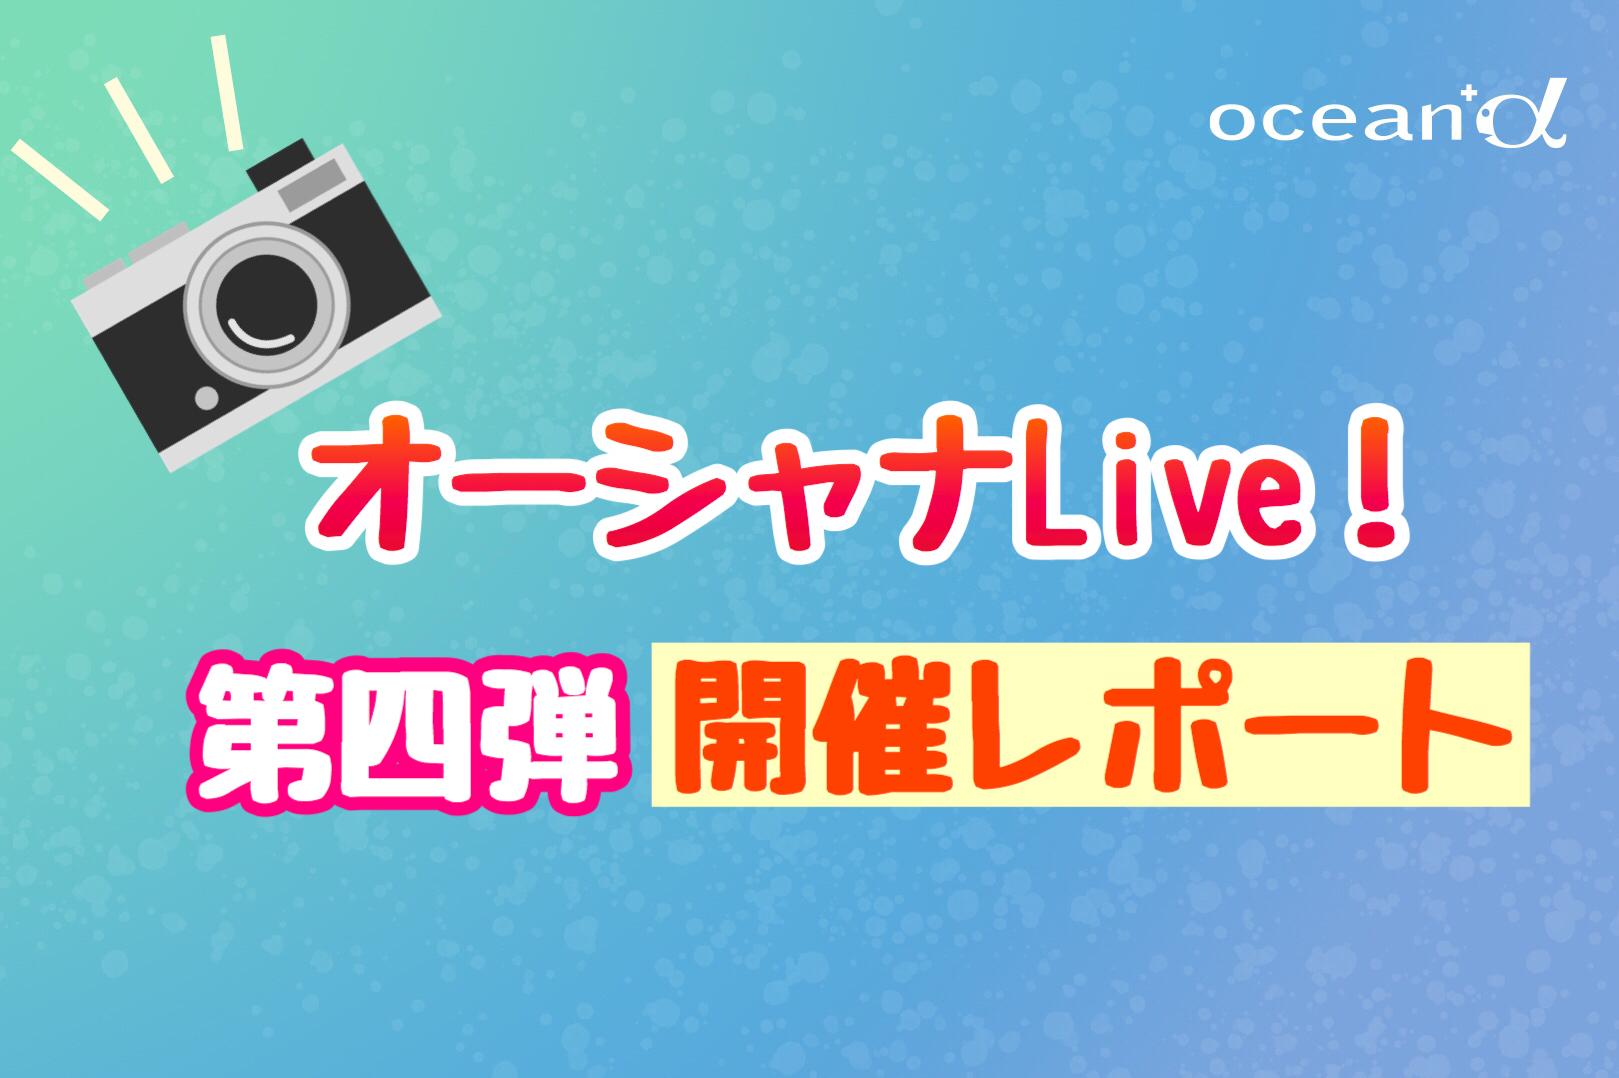 【オーシャナLive!】第四弾GWスペシャル開催レポート☆